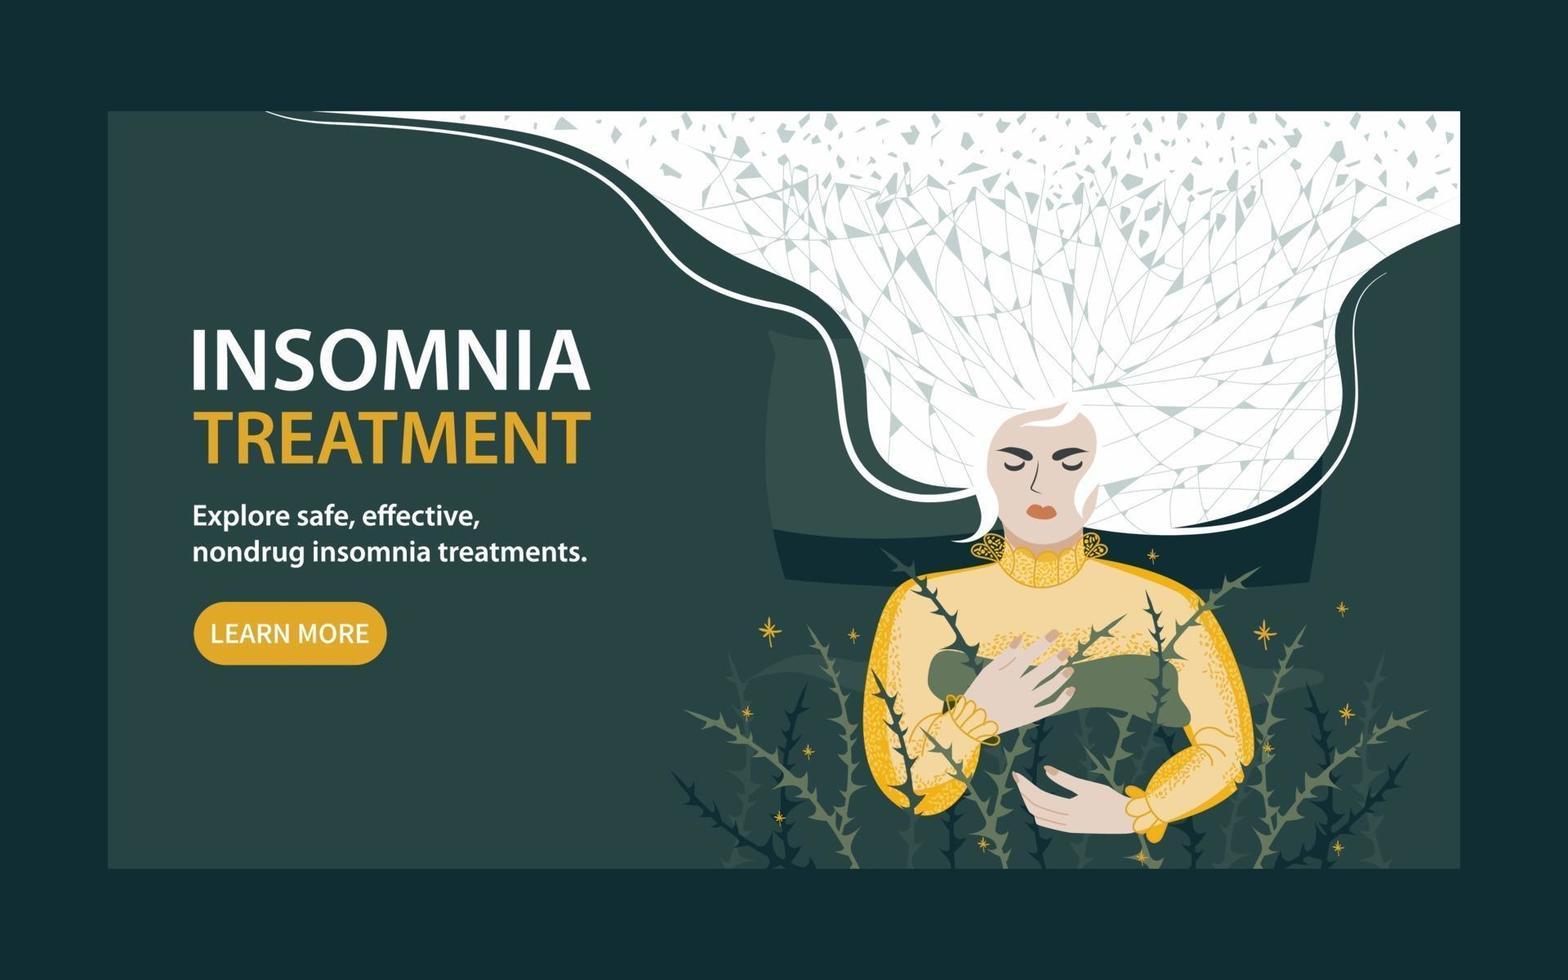 målsida för en webbplats för behandling av sömnlöshet. en ung kvinna sover inte bra, utan vila och i ständig stress. platt vektorillustration vektor